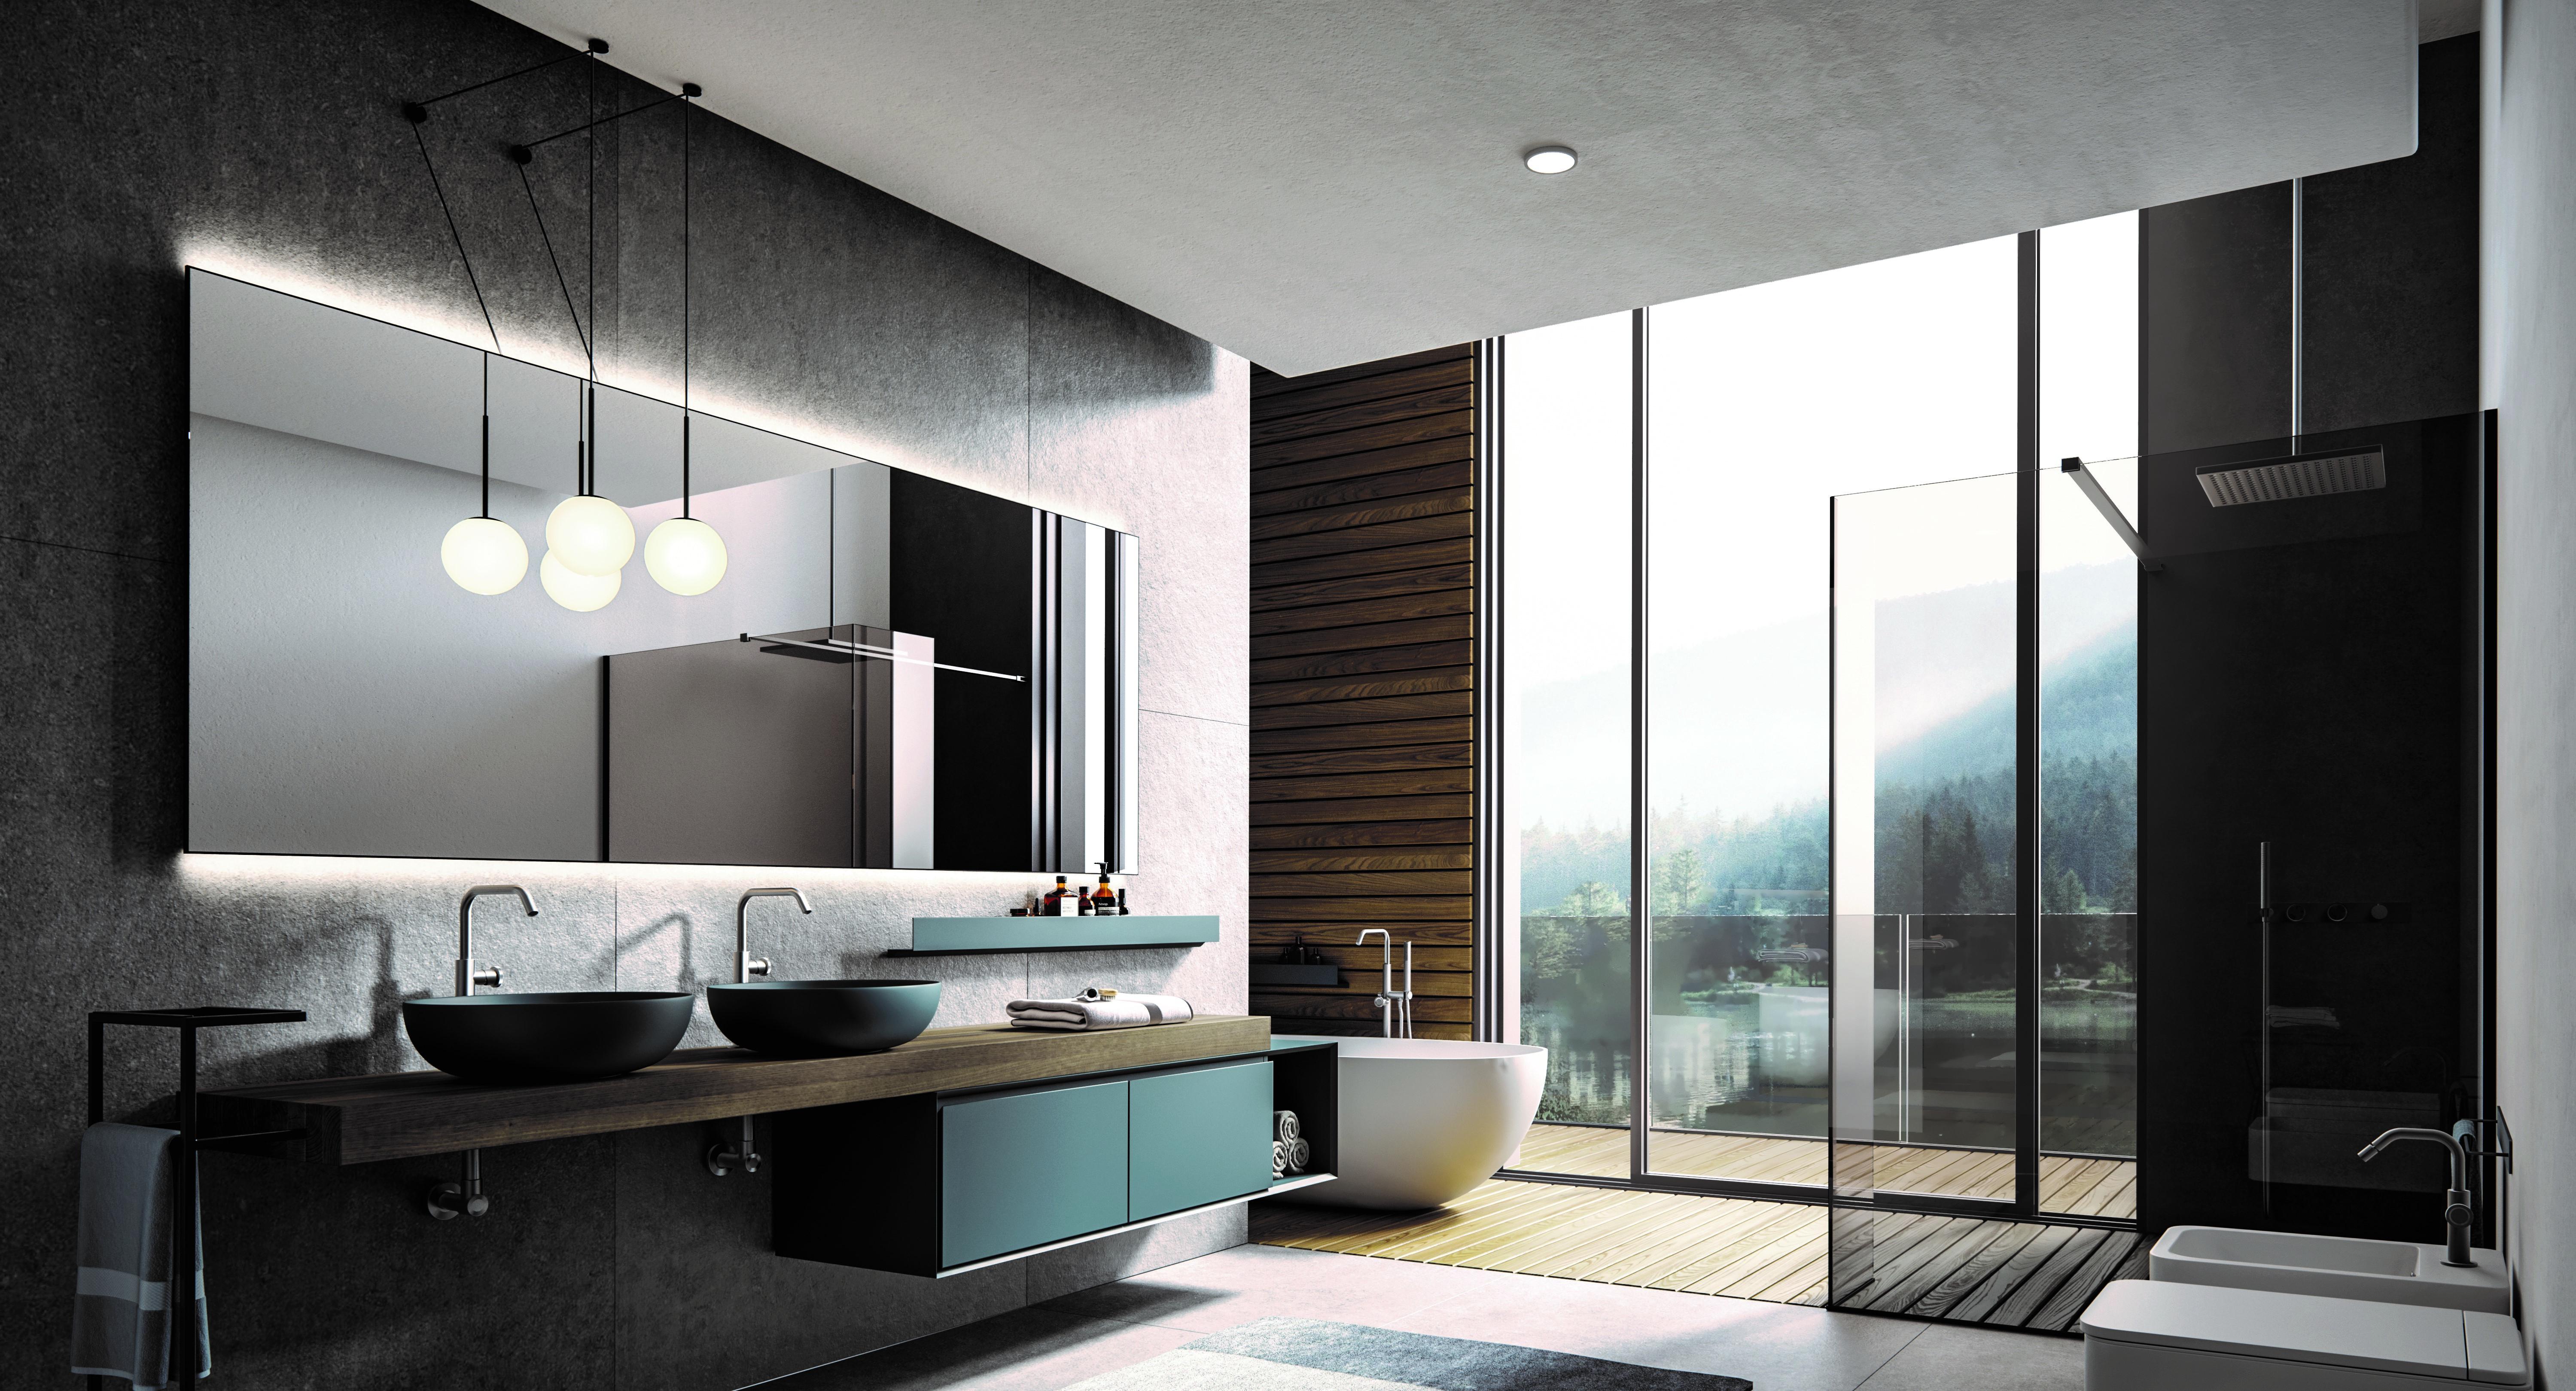 bensa arredamenti progettazione cucine e vendita mobili